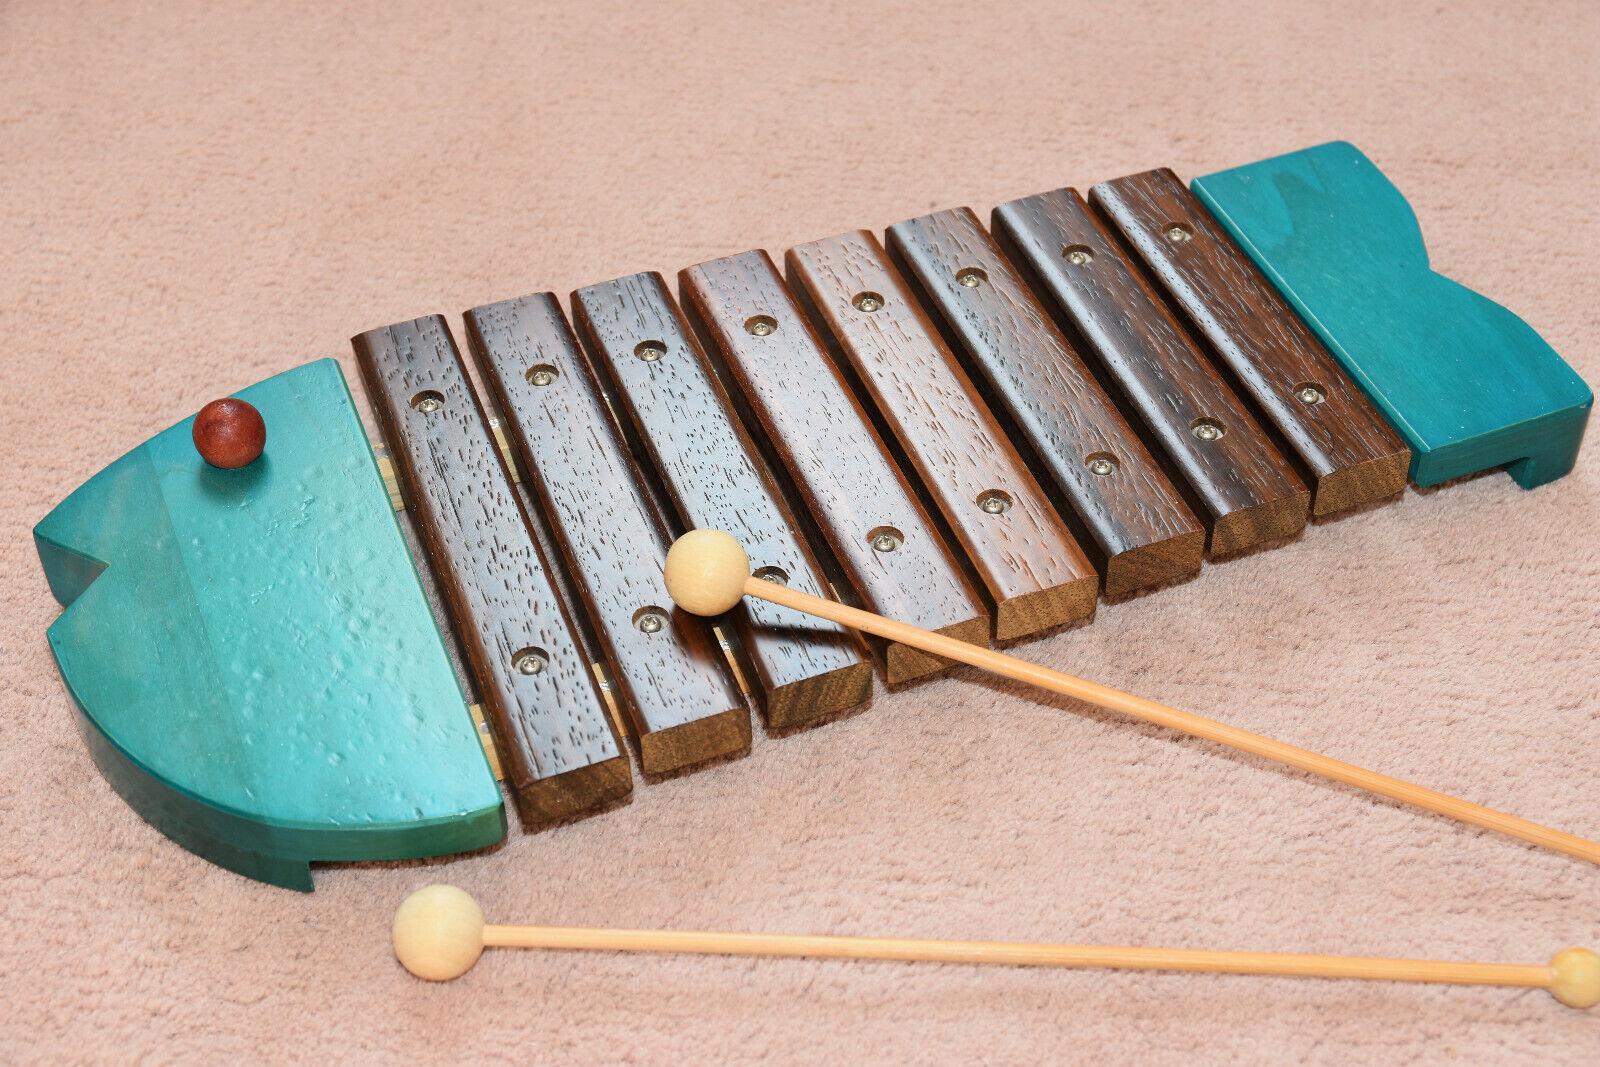 Rar Musik Xylophone Japanisches Spielzeug hochwertig BORNELUND+2 Schlägel